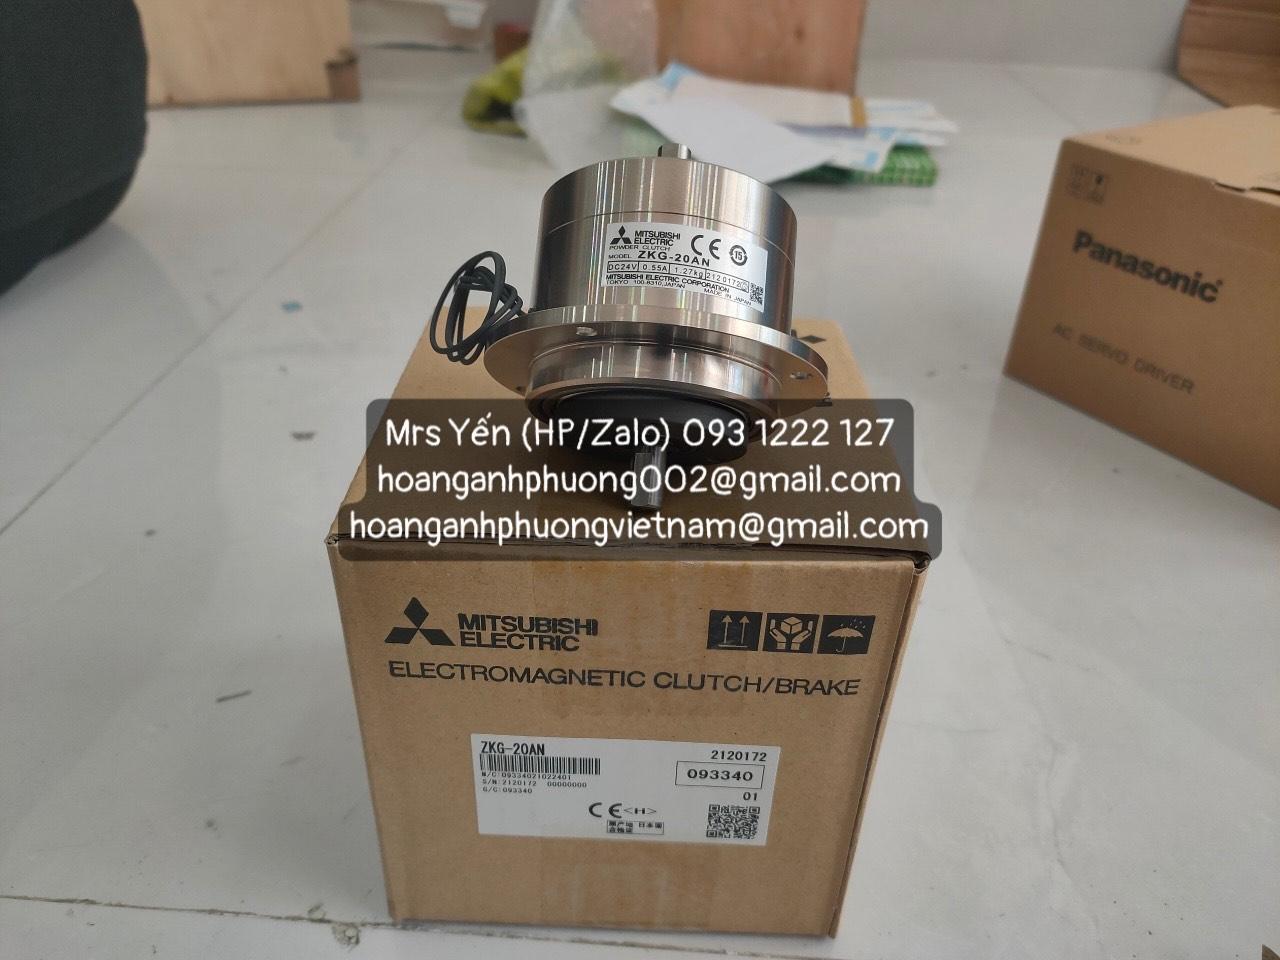 Thắng từ ZKG-20AN| Mitsubishi| Hàng nhập khẩu chính hãng mới 100%